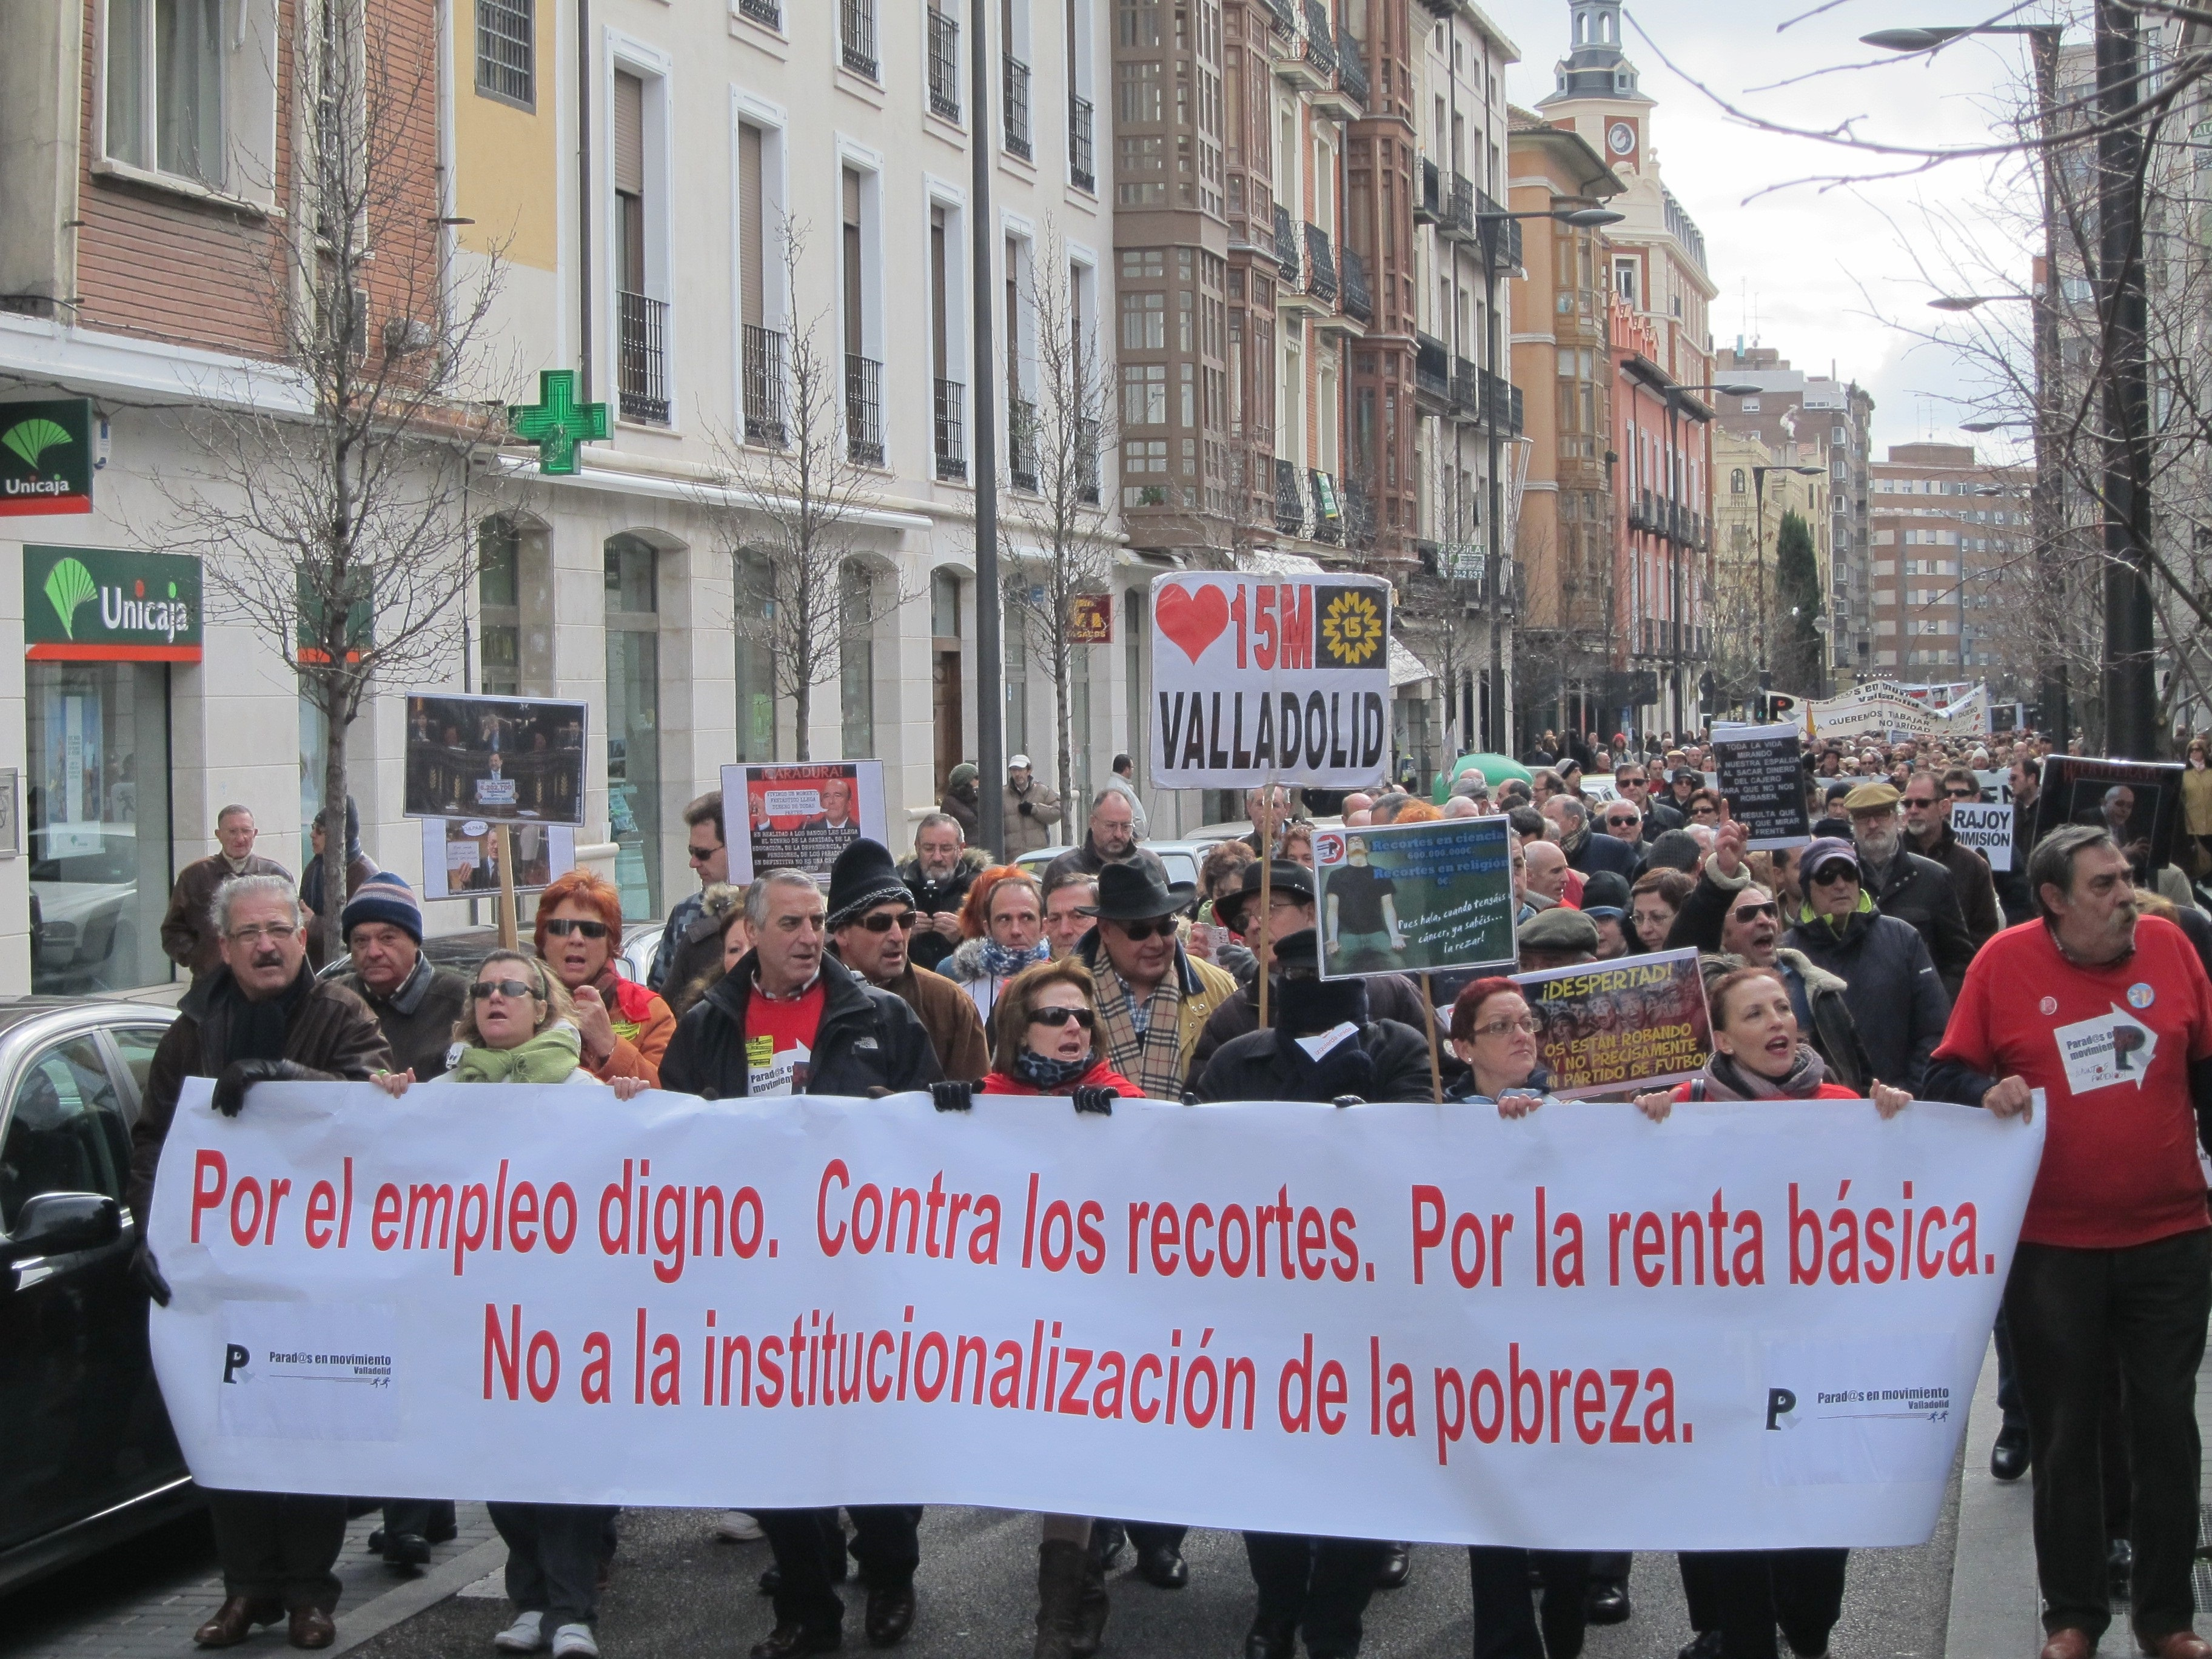 Cerca de 5.000 personas arropan a »Parados en Movimiento» en su protesta en Valladolid por el «empleo digno»